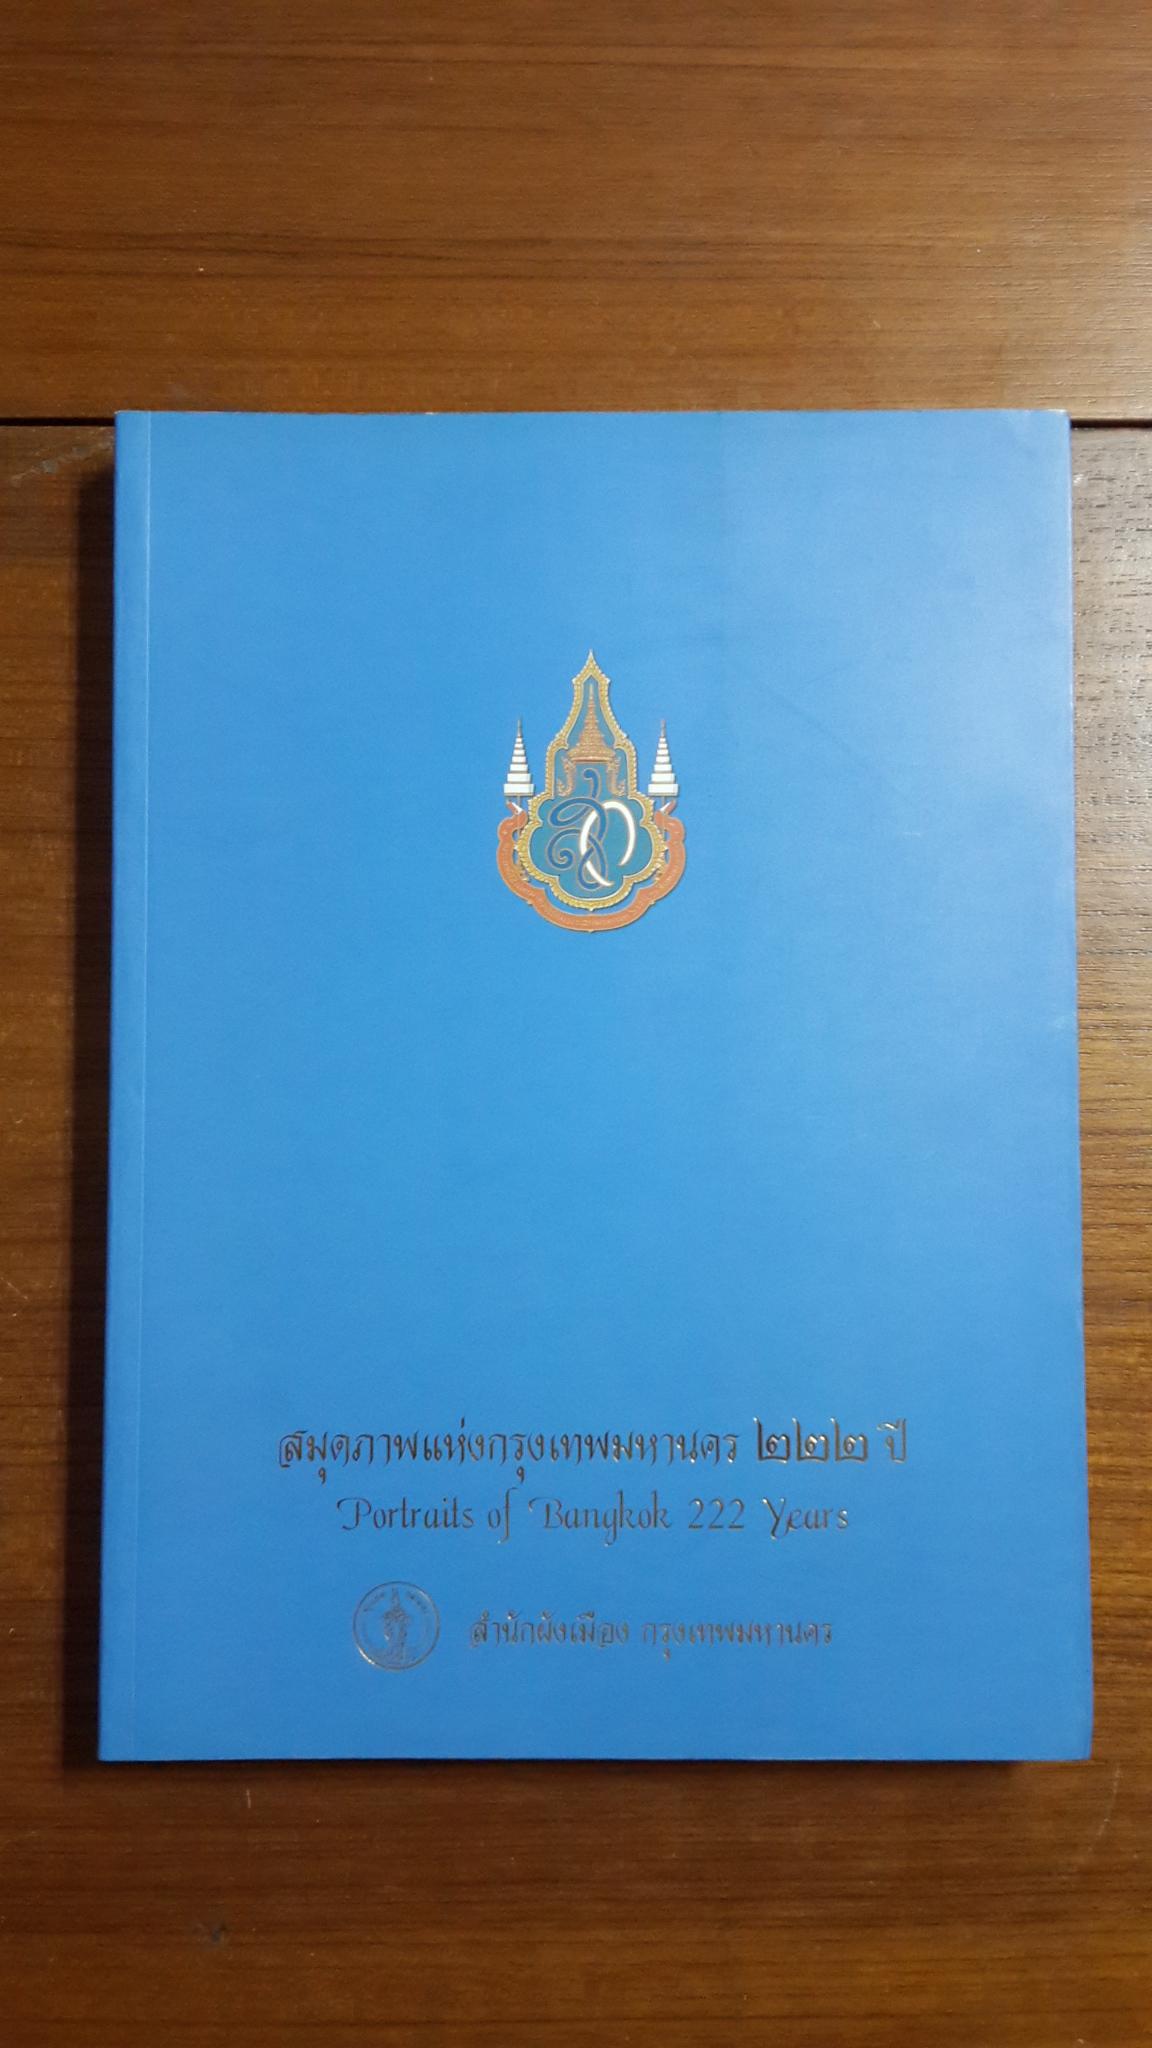 สมุดภาพแห่งกรุงเทพมหานคร ๒๒๒ ปี / สำนักผังเมือง กรุงเทพมหานคร